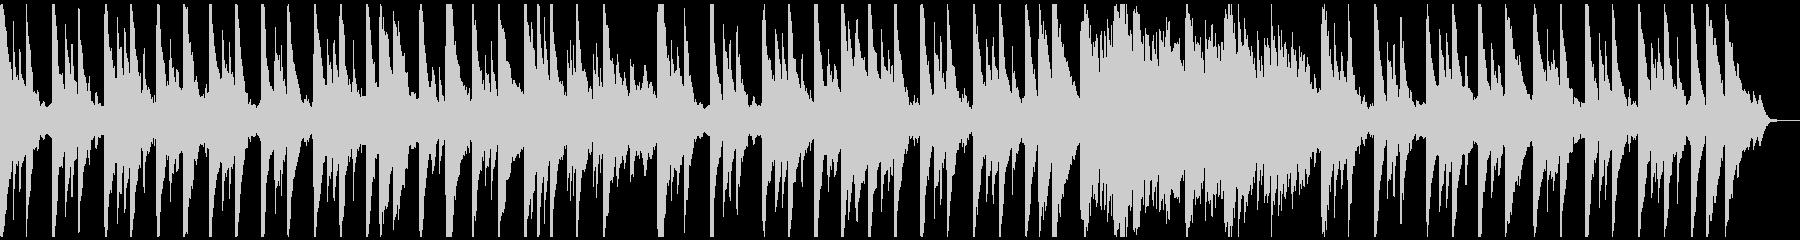 ピアノとシンセのみのシンプルなヒーリングの未再生の波形